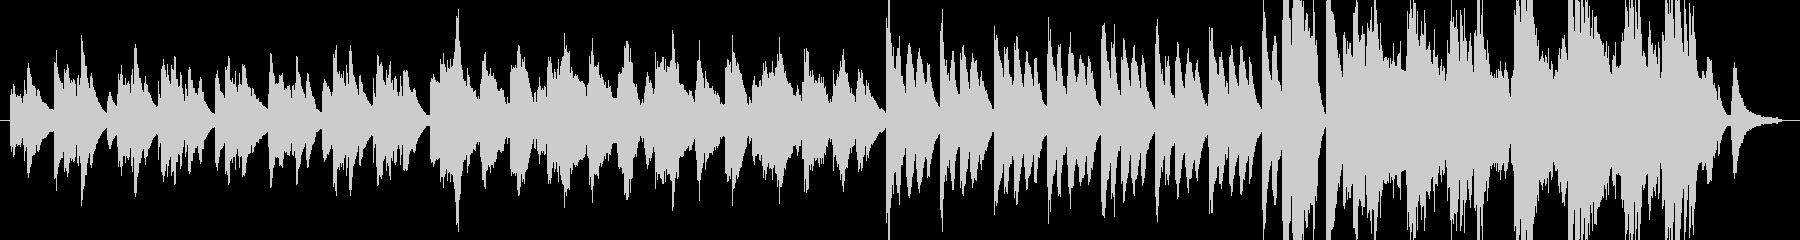 切ないメロディのピアノ曲の未再生の波形